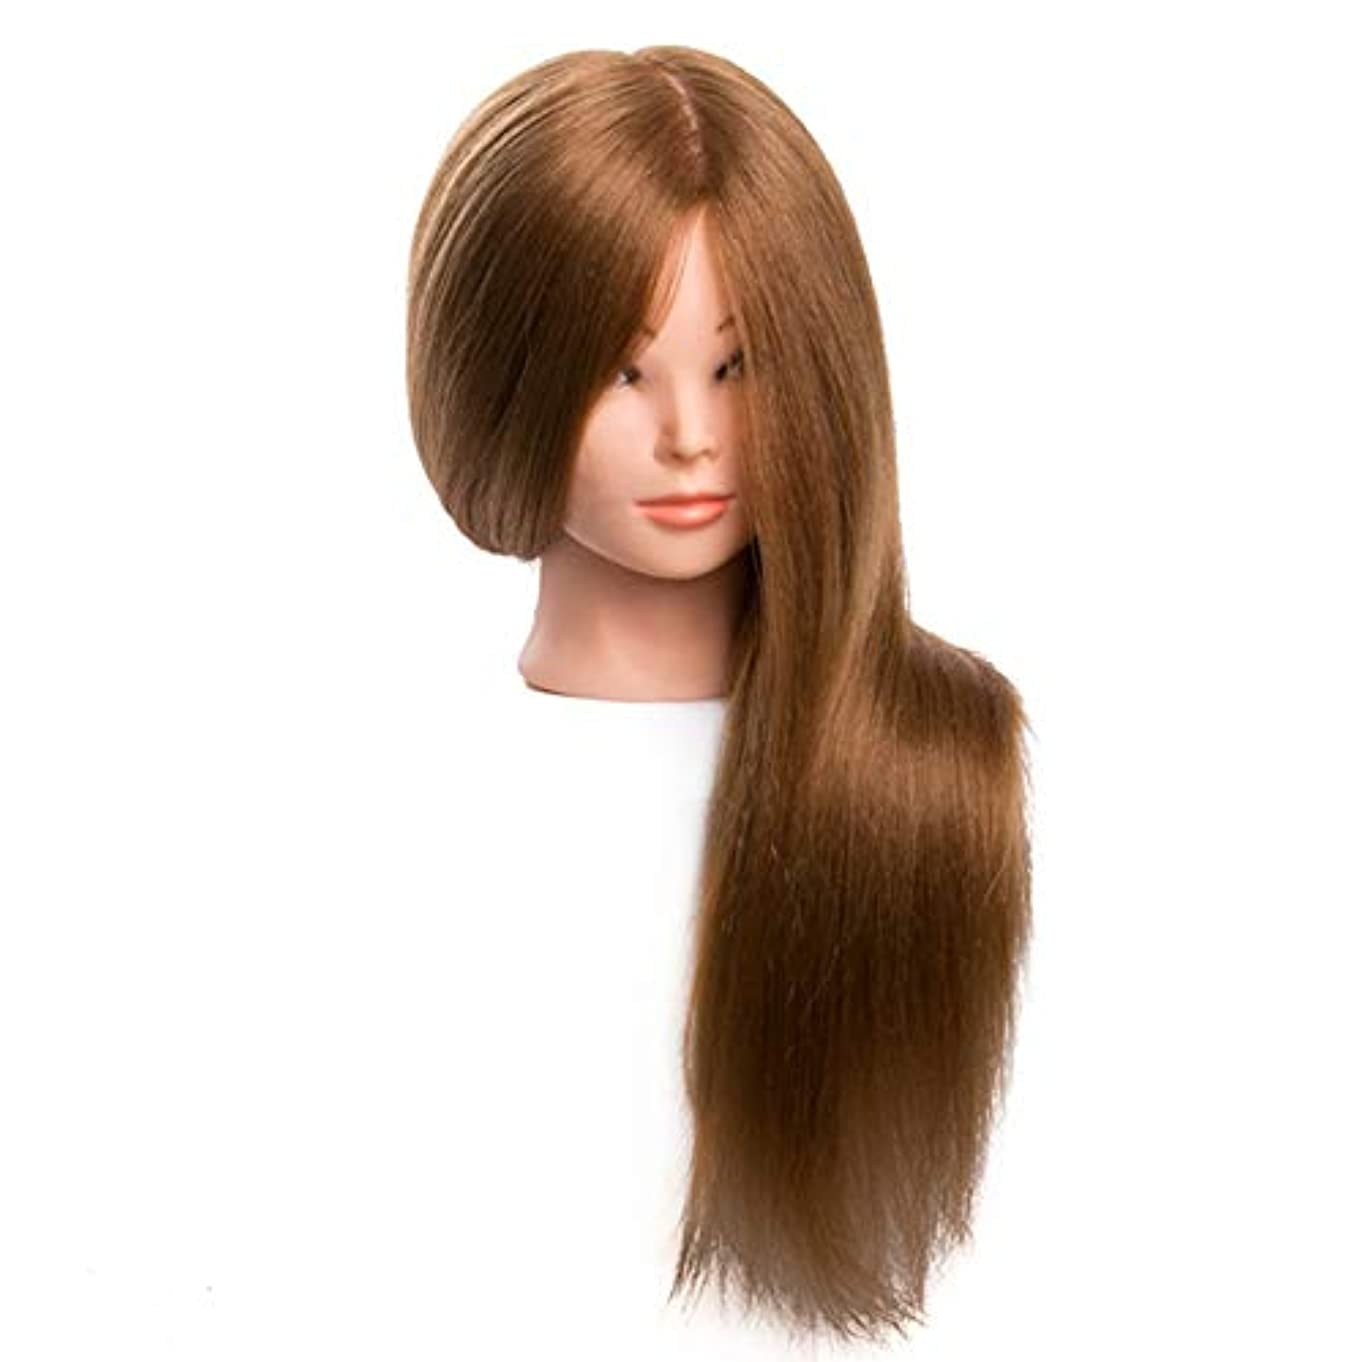 奇跡的な穀物預言者サロンエクササイズヘッド金型メイクディスクヘアスタイリング編組ティーチングダミーヘッド理髪ヘアカットトレーニングかつら3個